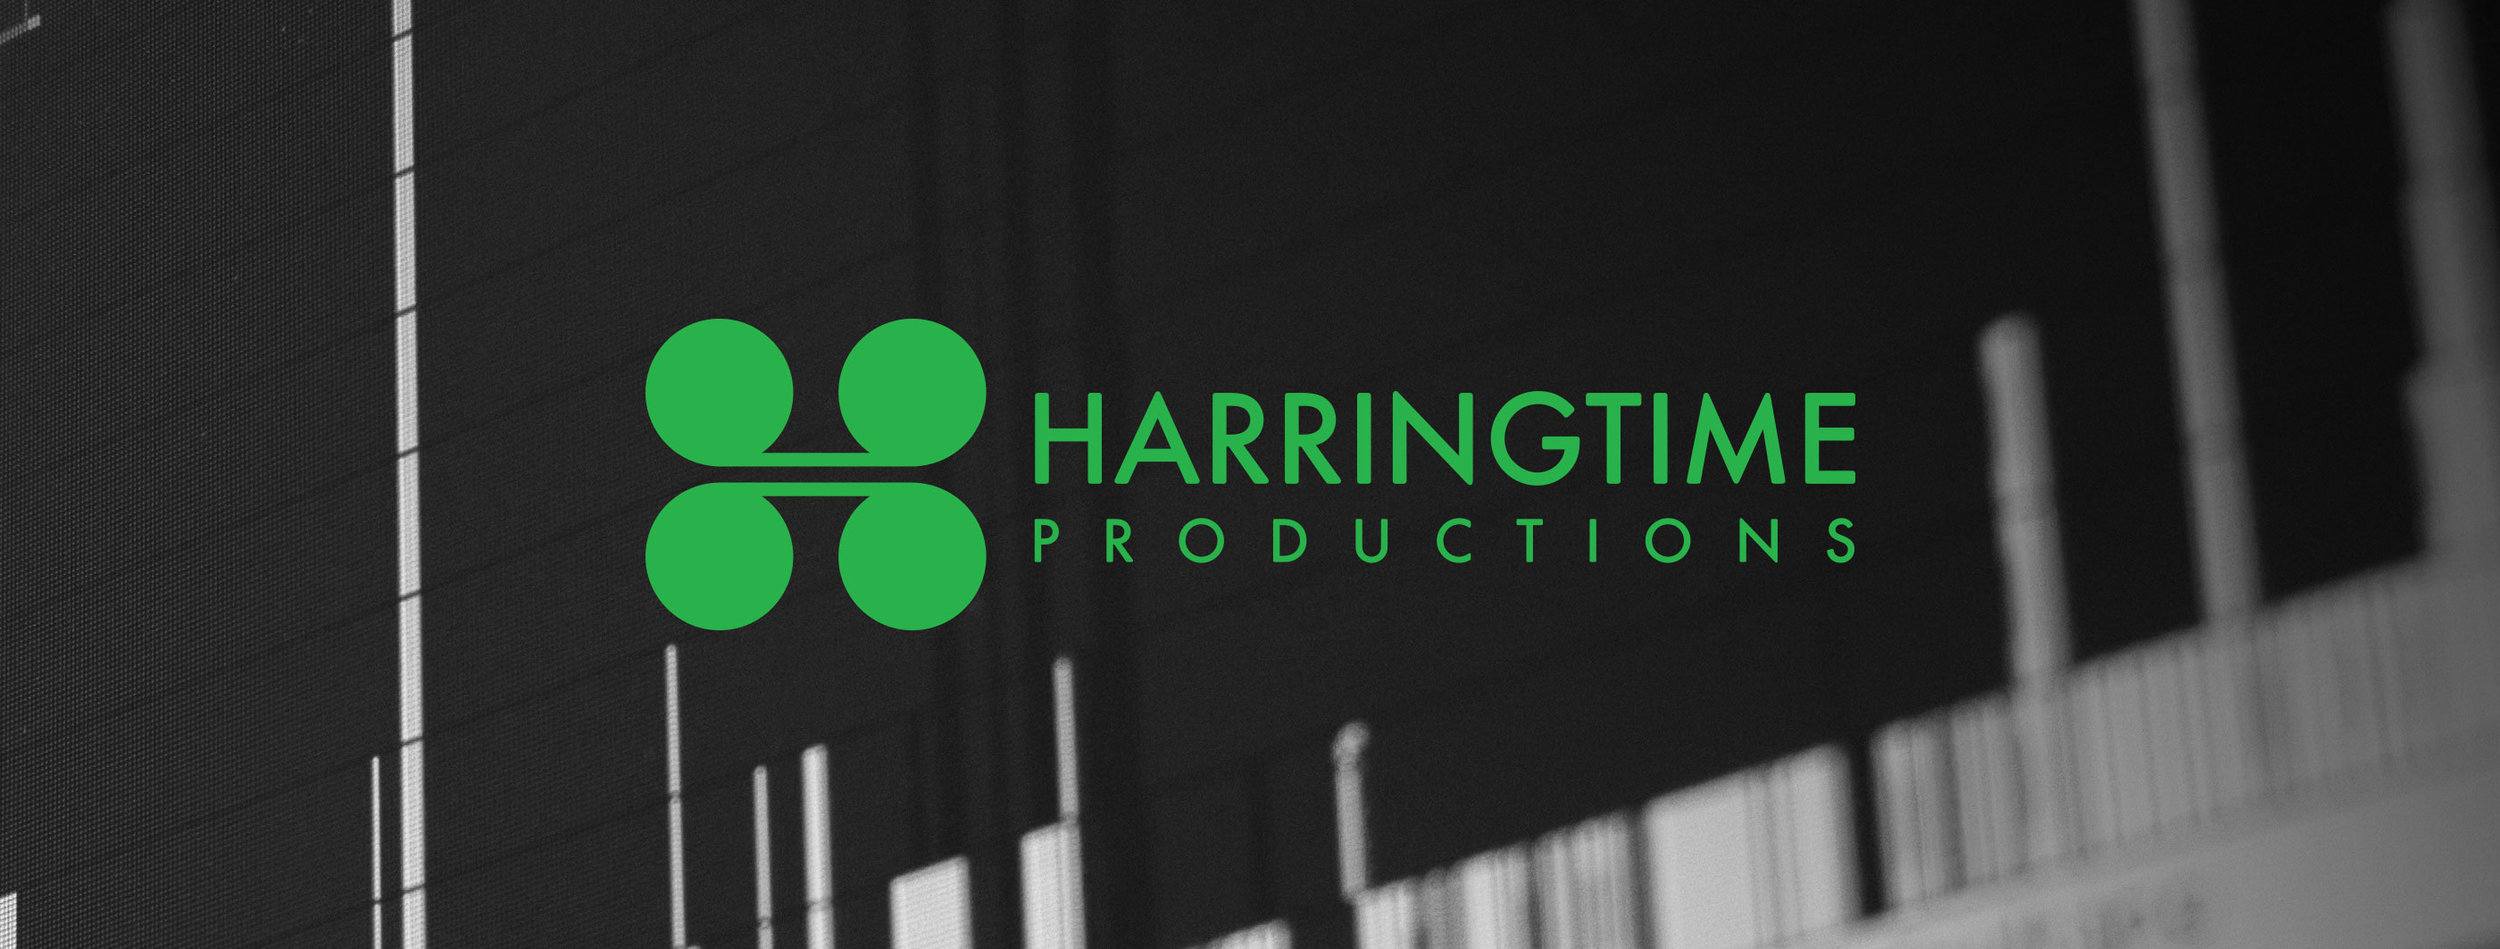 Studio-Eighty-Seven-Branding-And-Logo-Design-Harringtime-Main.jpg